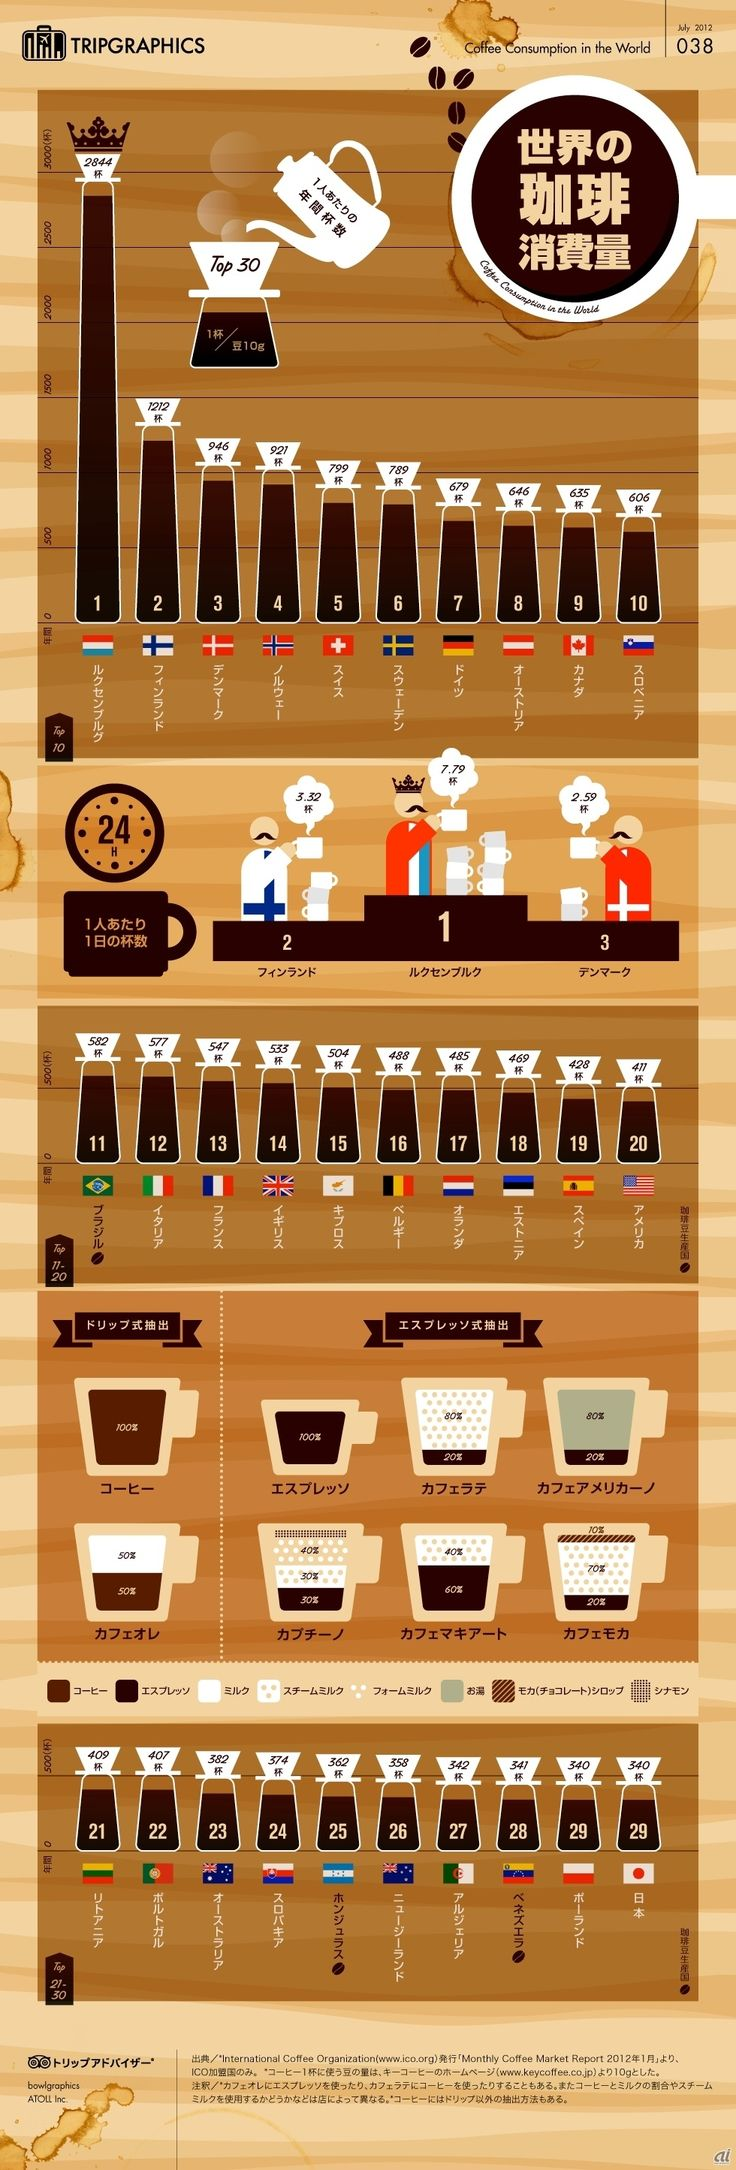 旅をテーマにしたインフォグラフィックス専用サイト「トリップグラフィックス」の第38回において「世界のコーヒーの消費量」と題し、1人あたりの世界のコーヒー消費量のトップ30と、カプチーノやカフェラテなどの違いをまとめている。